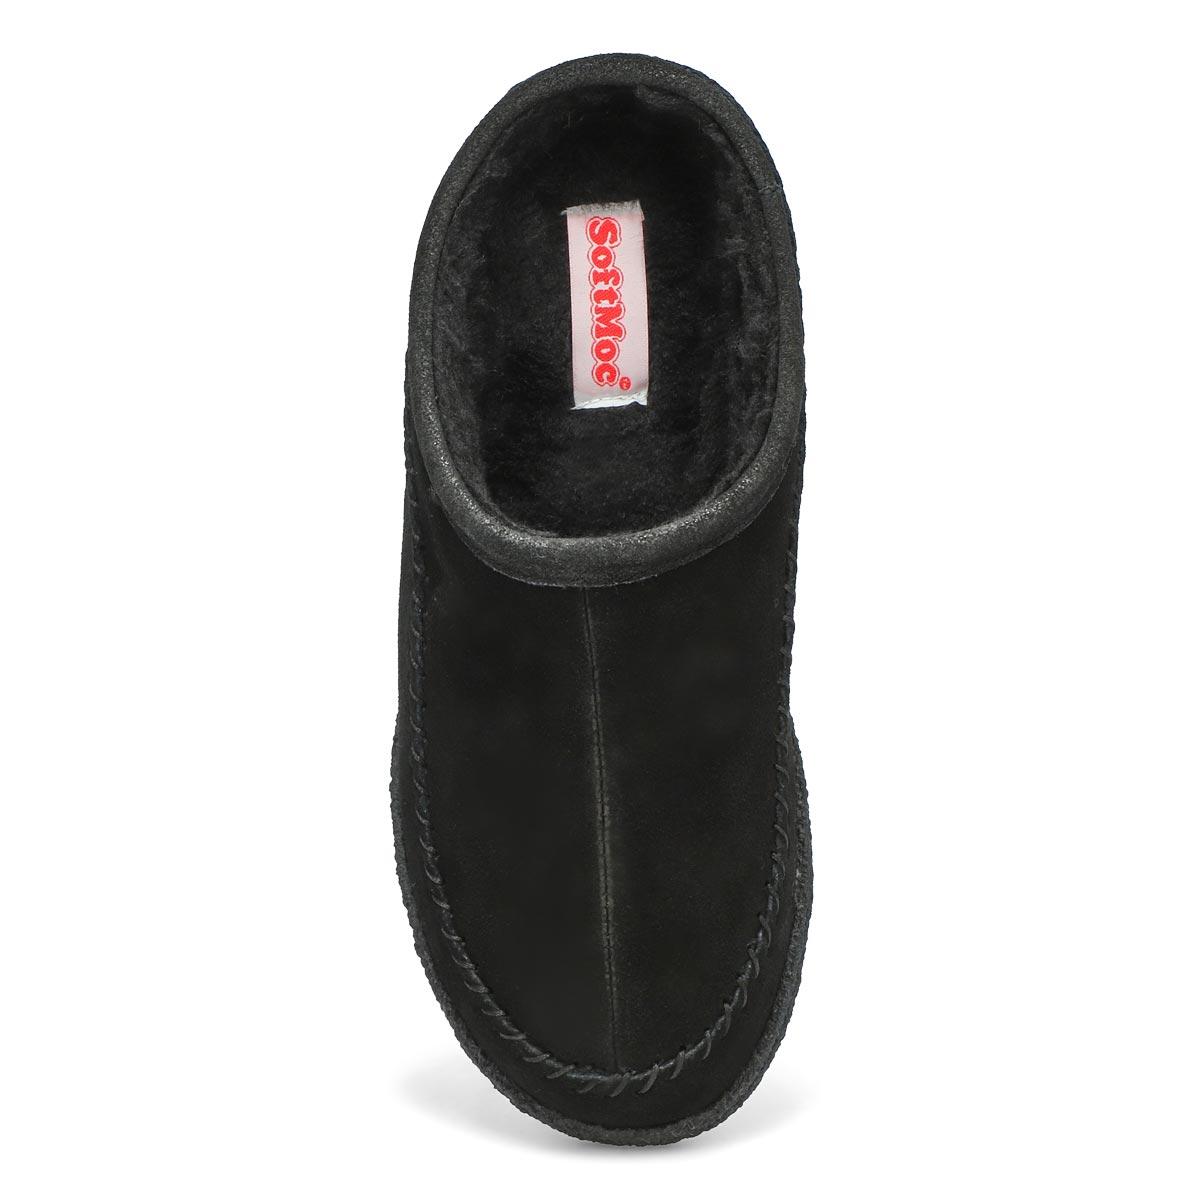 Mns Pauly III black suede open slipper